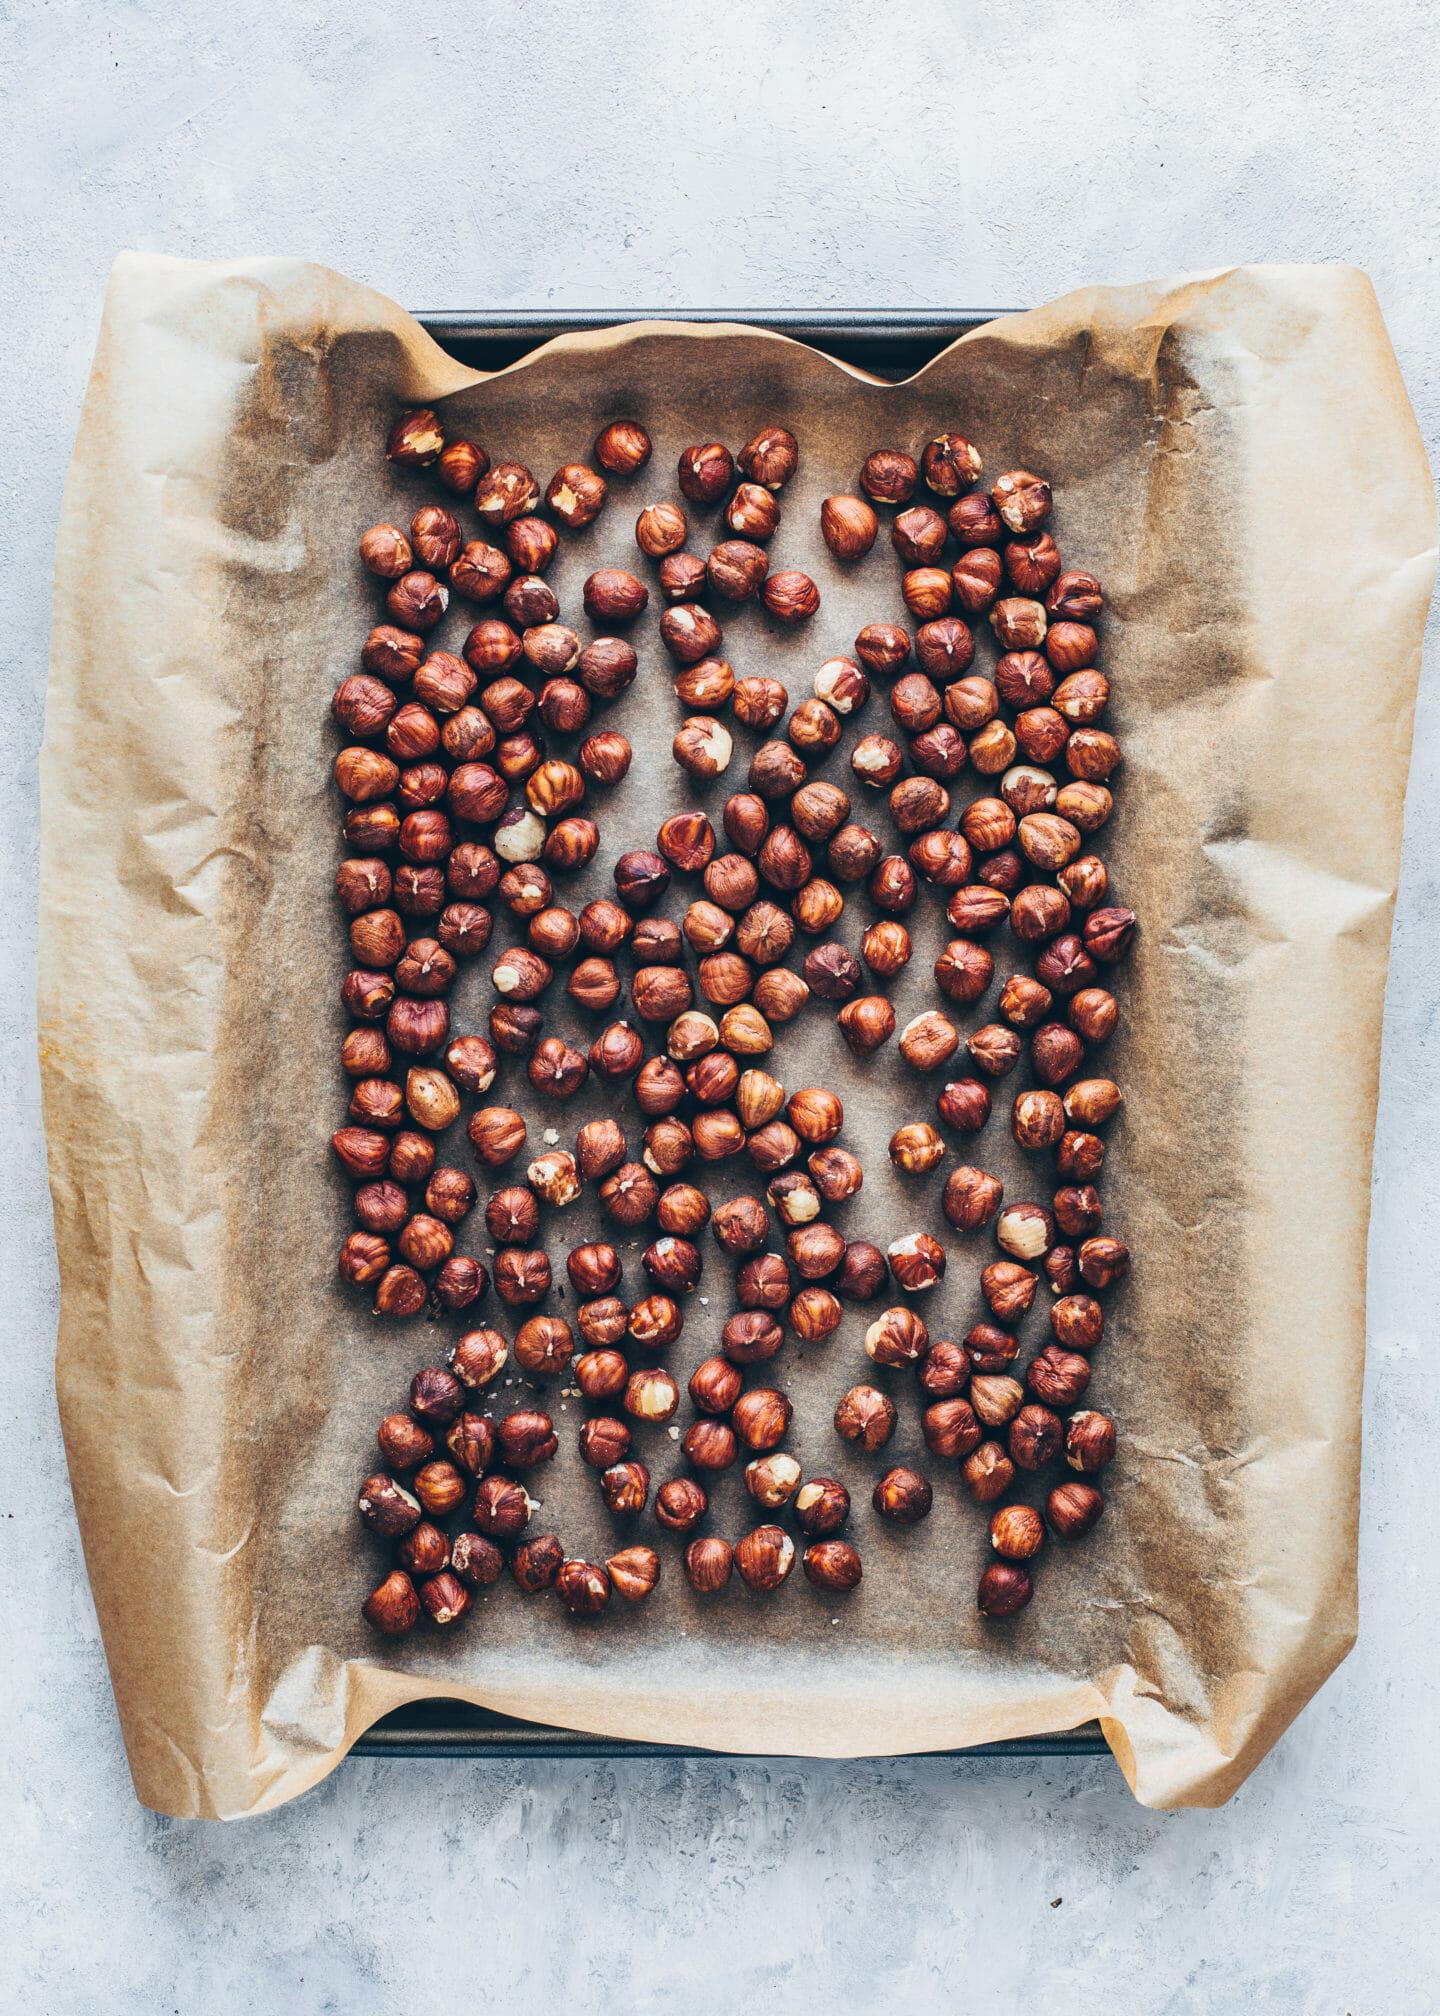 Haselnüsse auf einem Backblech für Nutella Selbermachen